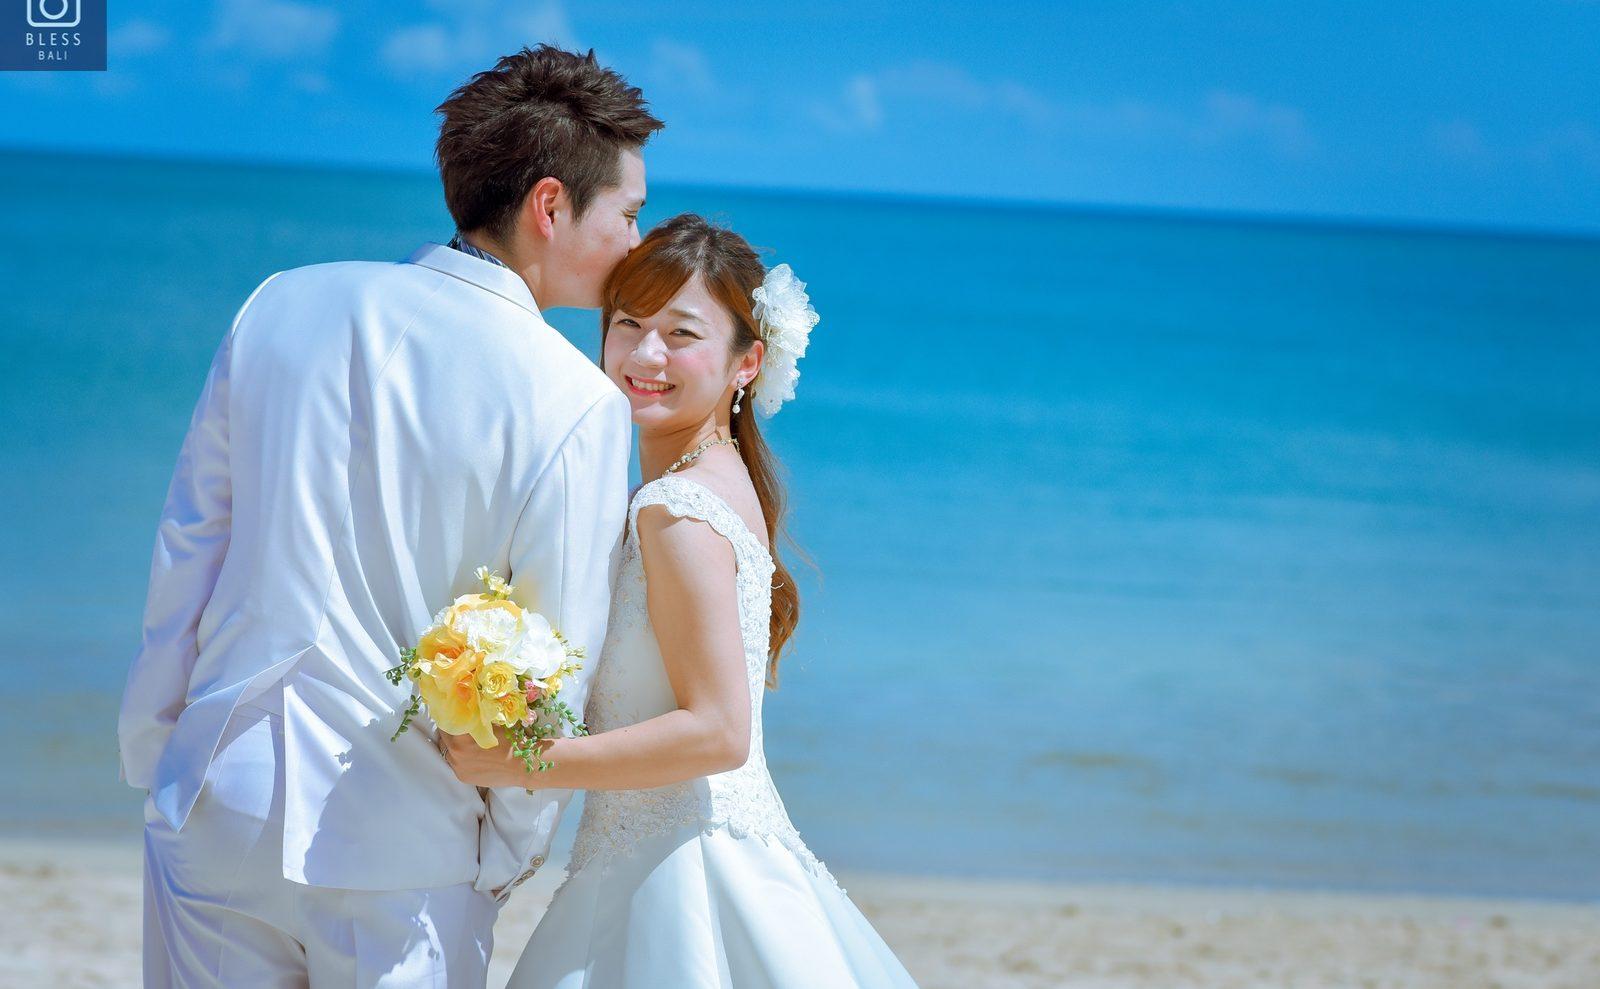 【お客様レポ#199】Jimbaran beachで青空ビーチフォト H&H様